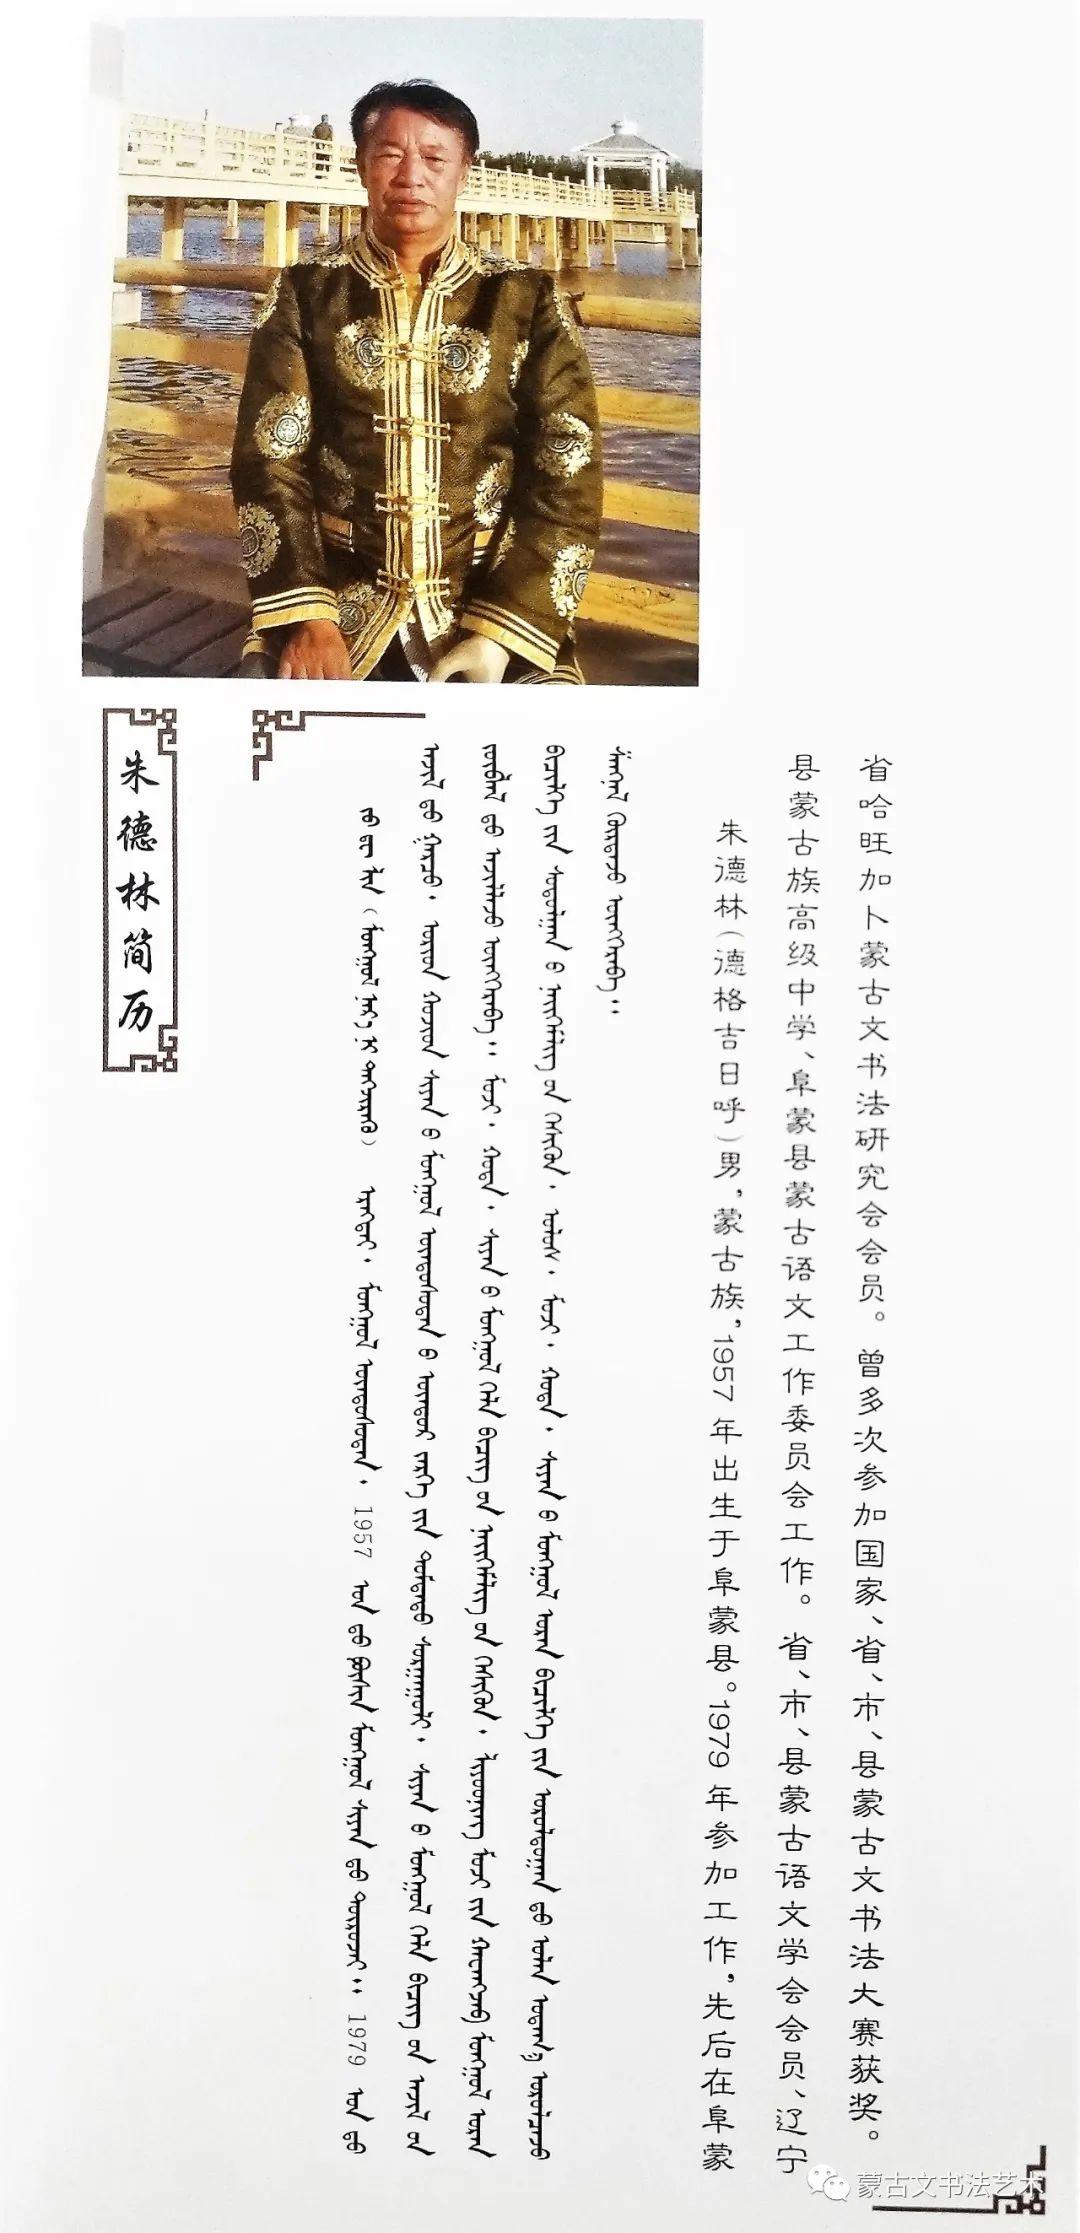 朱德林蒙古文书法作品欣赏 第1张 朱德林蒙古文书法作品欣赏 蒙古书法